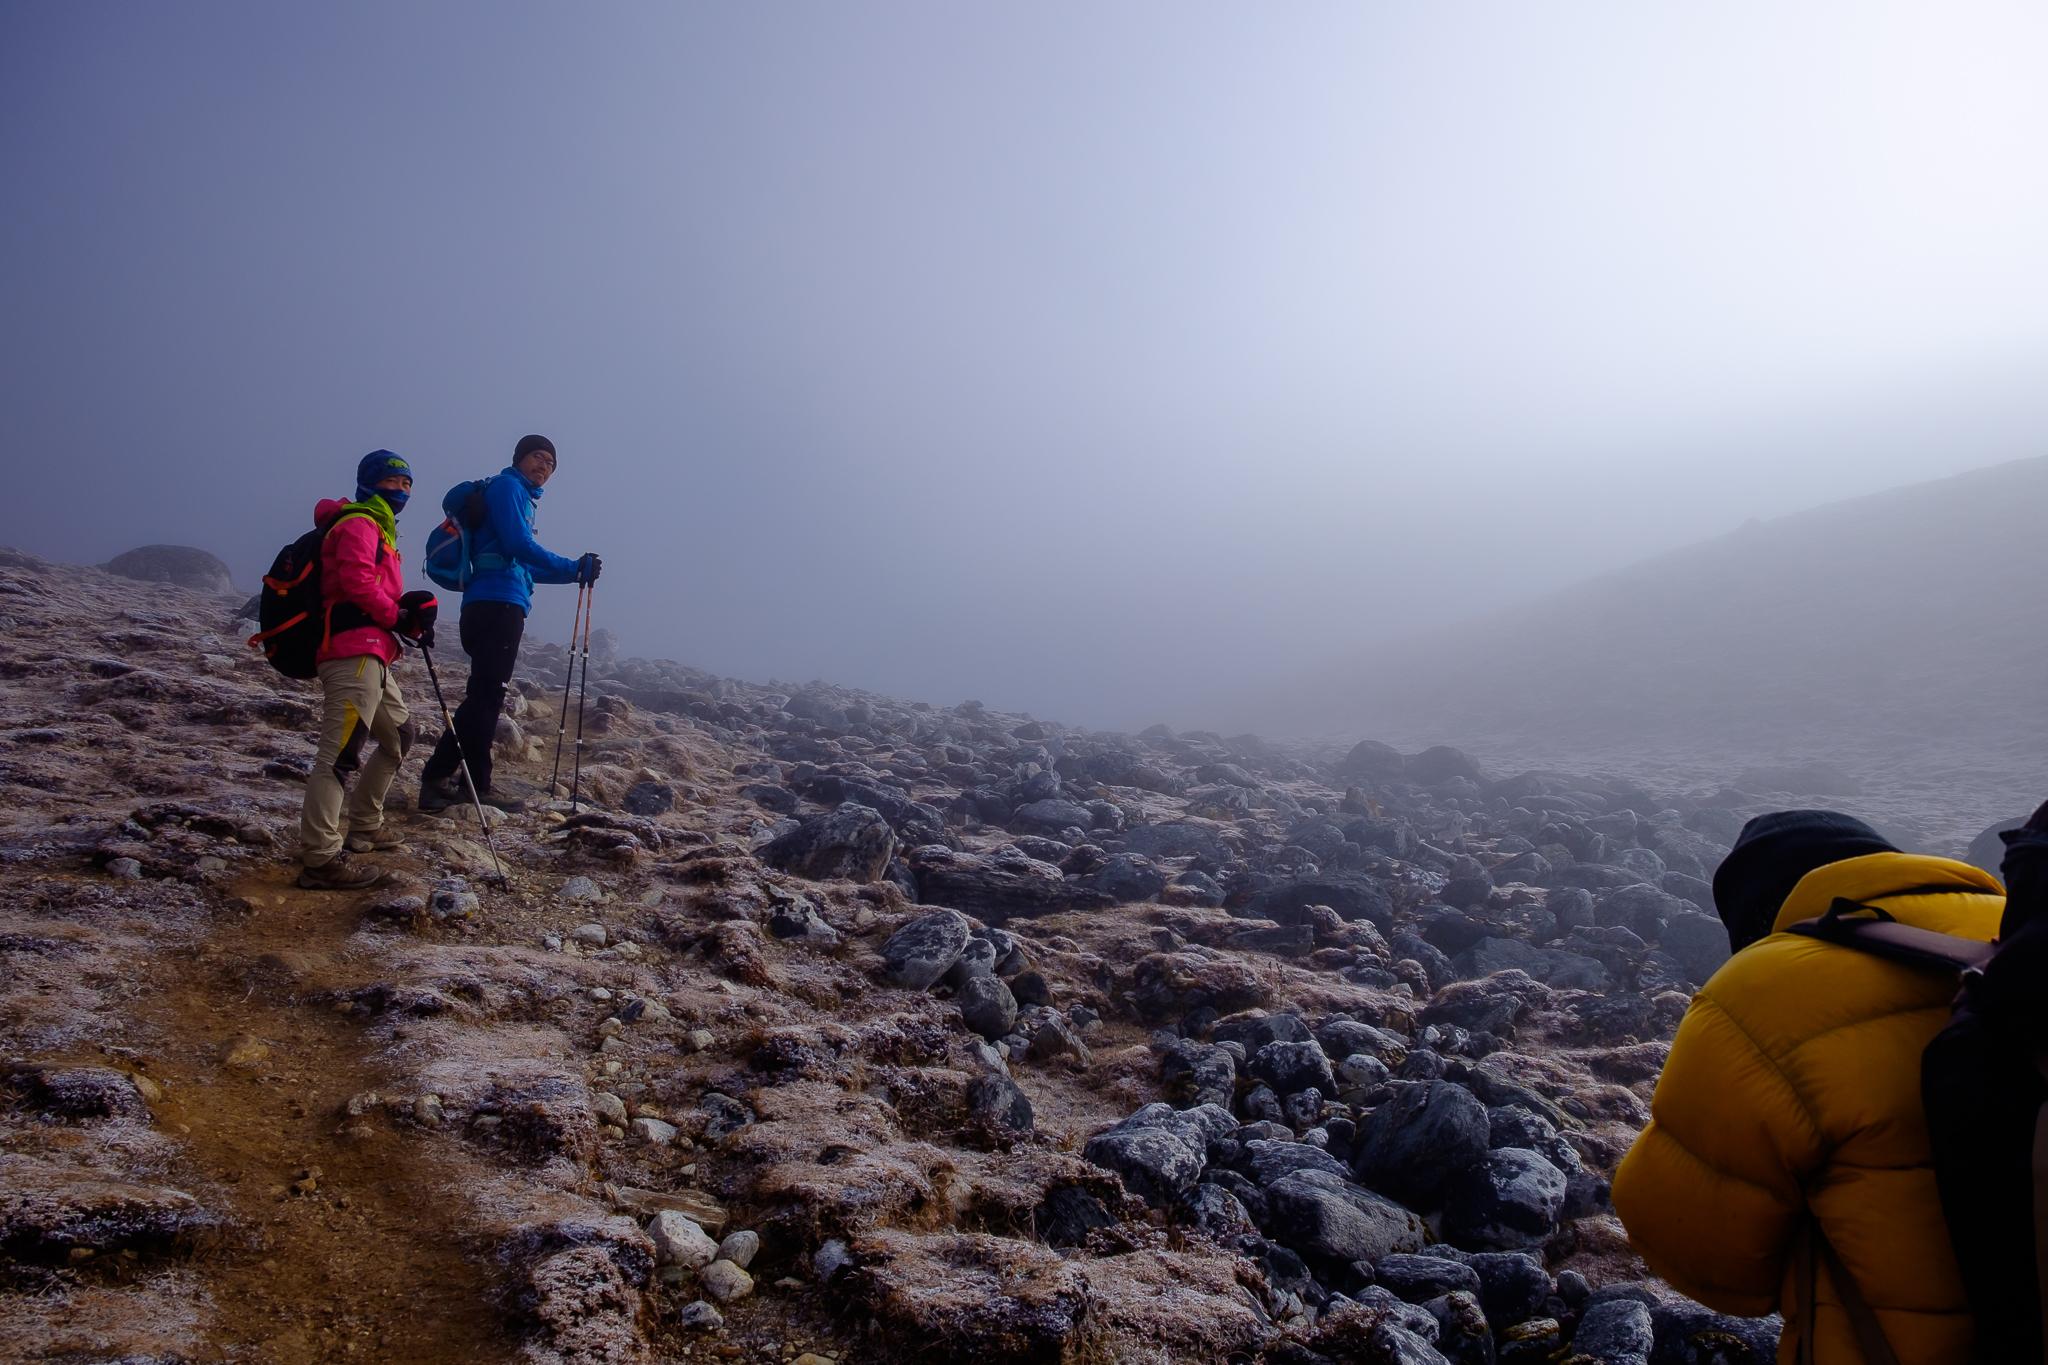 EverestTrekPart4_017.jpg